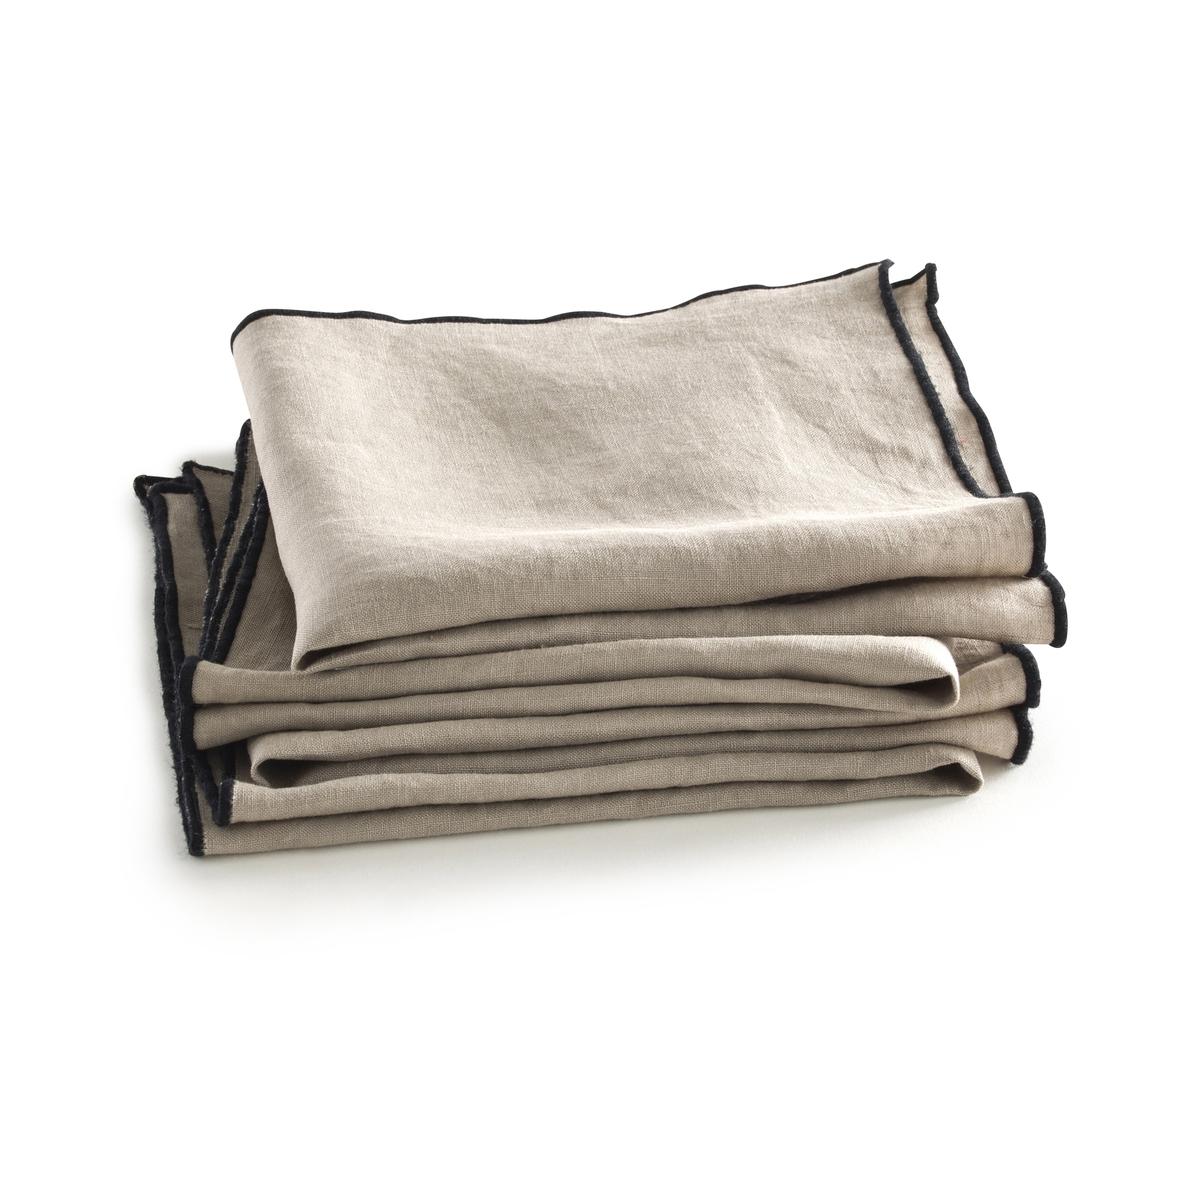 Салфетки Suzy из 100% льна (комплект из 4 шт.)4 салфетки Suzy из 100% льна . Натуральная мягкость льна и изысканность отделки черного цвета по краям.Скатерть Suzy продается на сайте в комплекте с этими салфетками .Состав : - 100% льнаРазмер : - 40 x 40 см Производство осуществляется с учетом стандартов по защите окружающей среды и здоровья человека, что подтверждено сертификатом Oeko-tex®.  .<br><br>Цвет: лаймовый,серый<br>Размер: комплект из 4